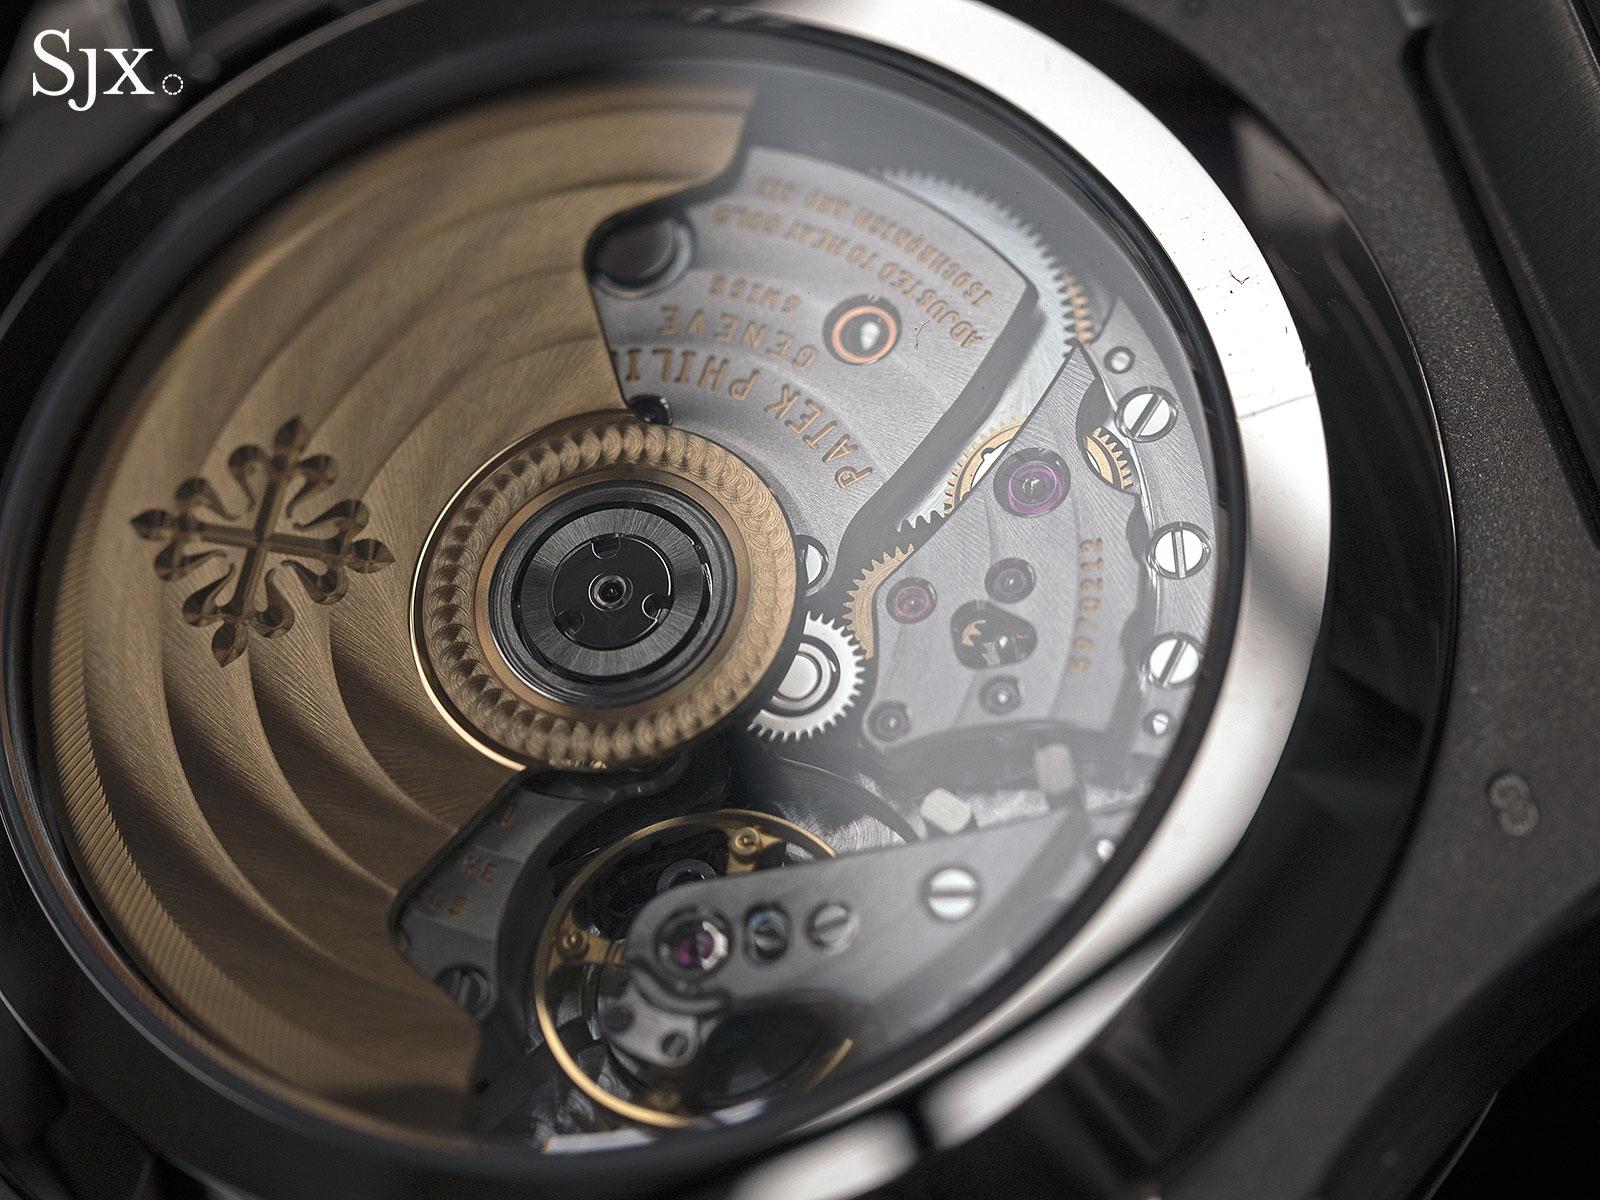 Patek Philippe Nautilus Chronograph Ref. 5976-1G 40th Anniversary 18